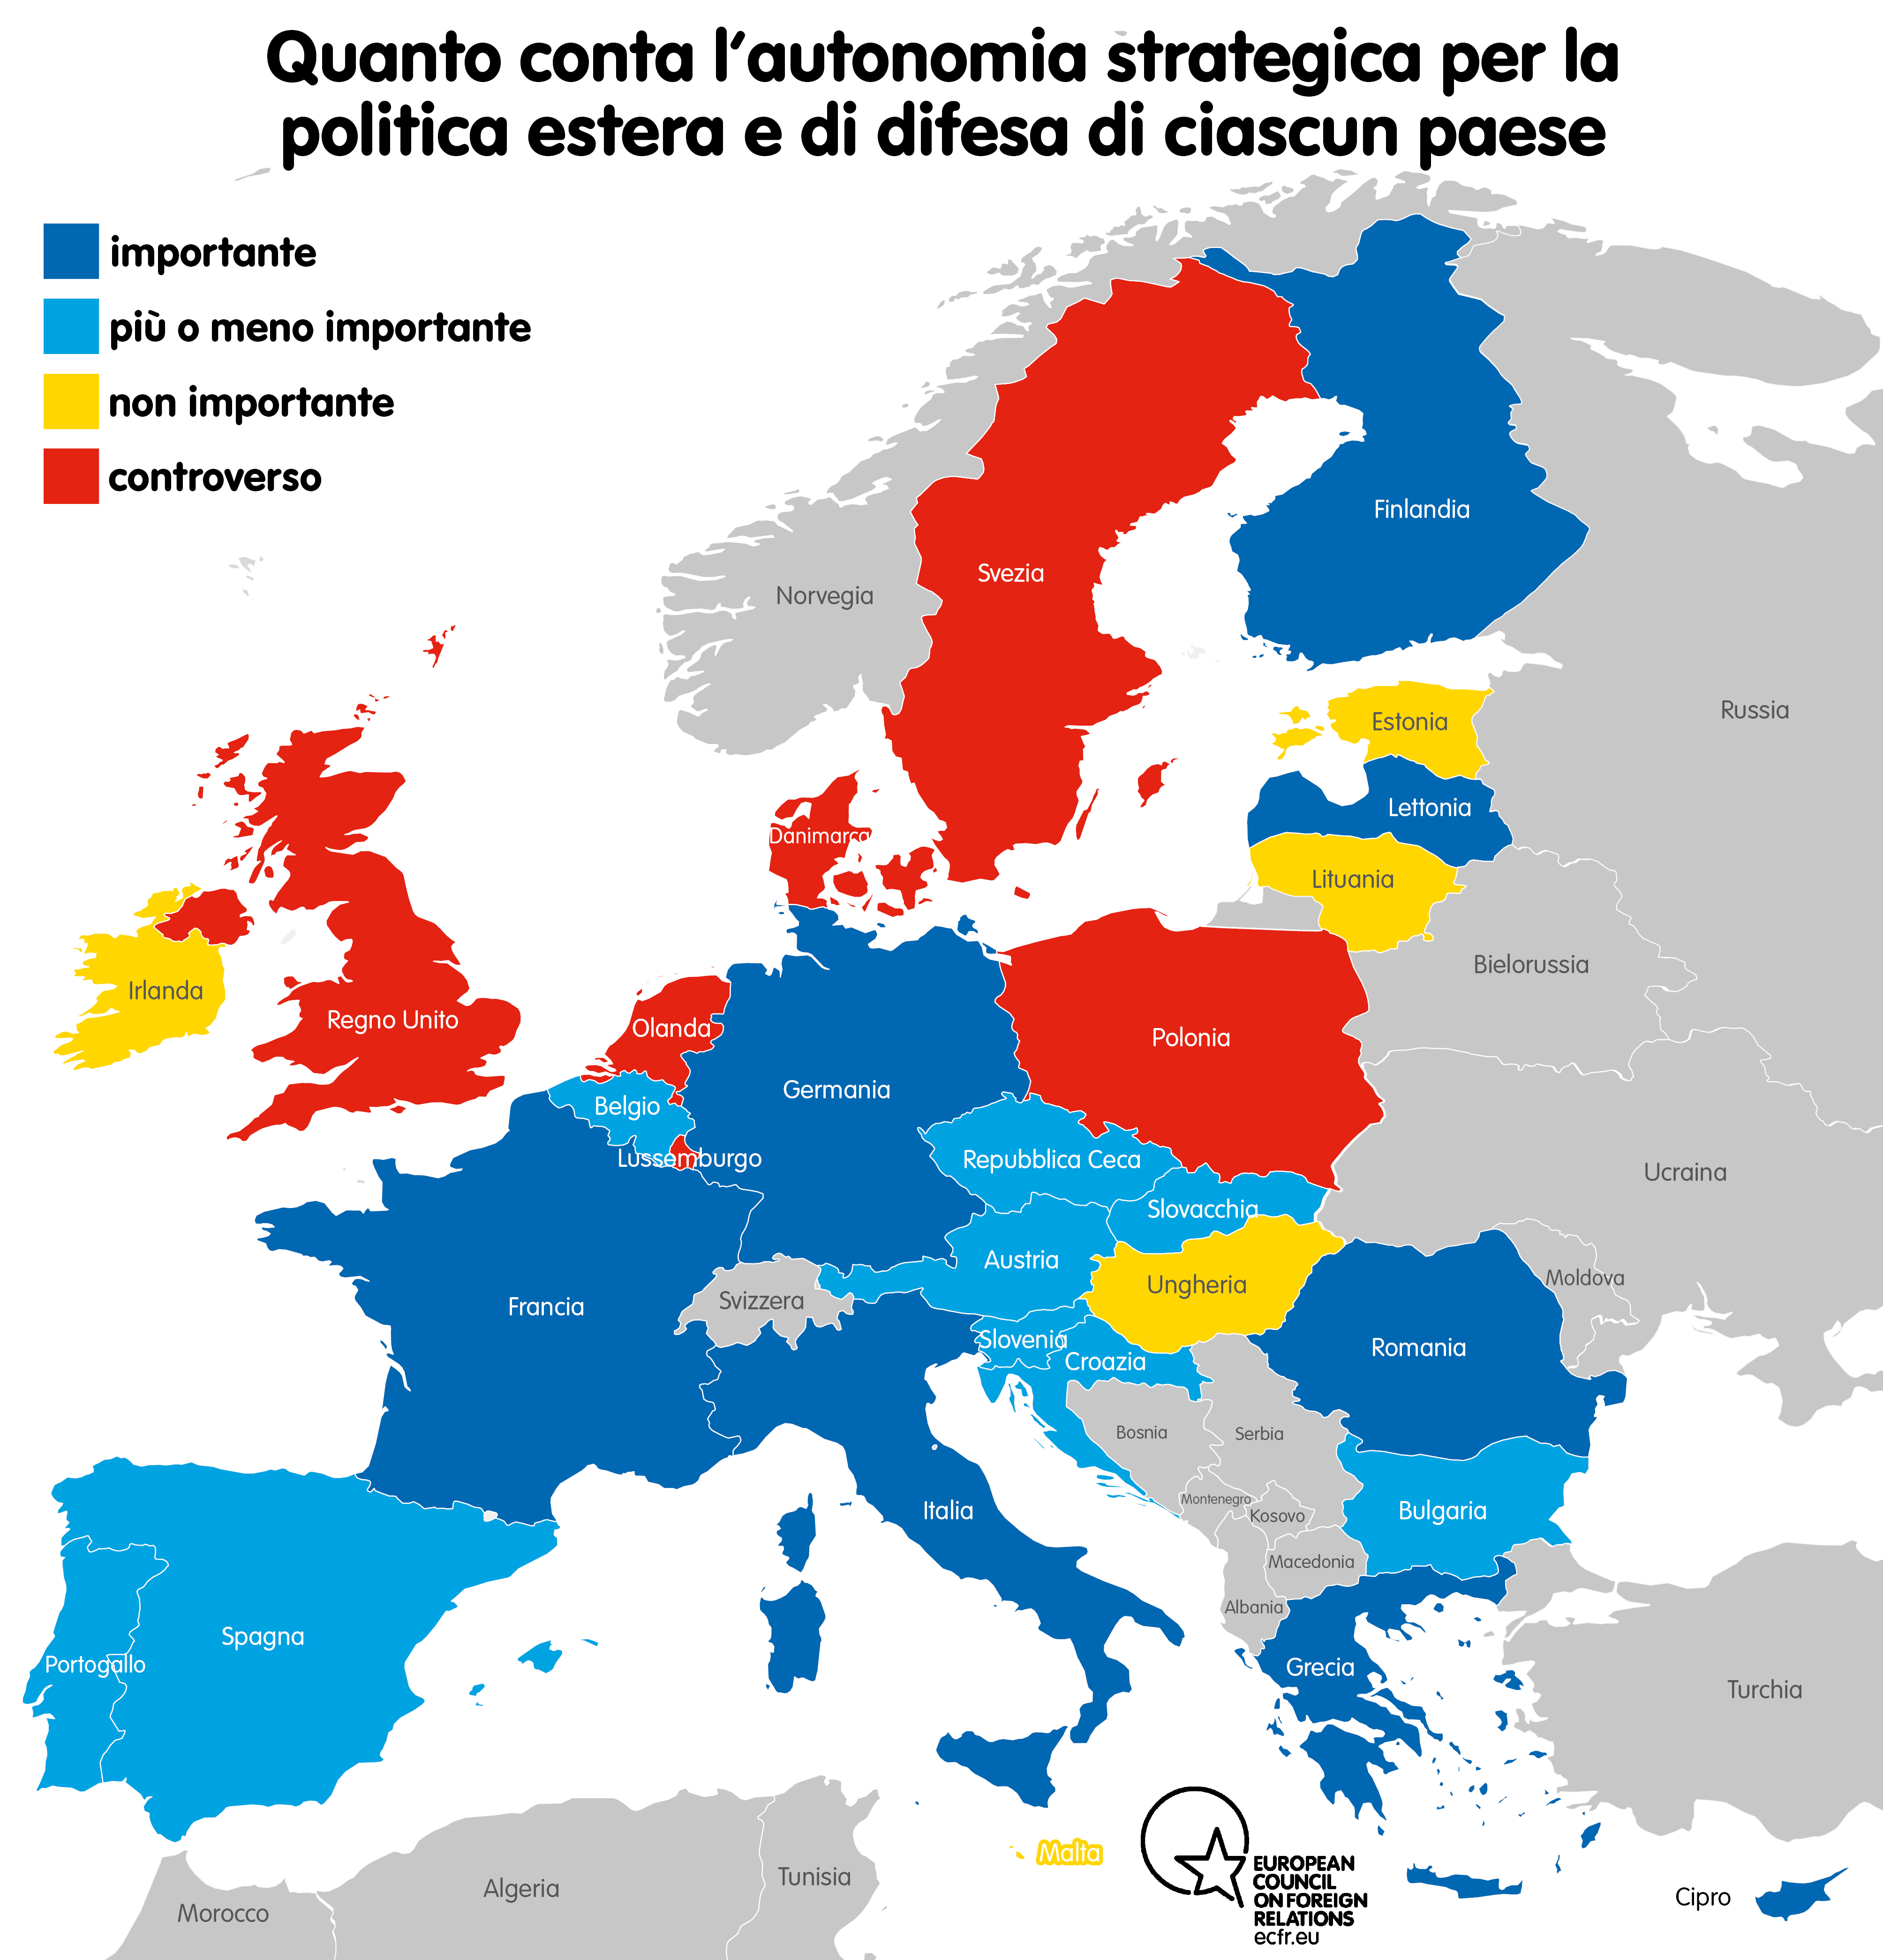 Tutti gli ostacoli dell'Autonomia strategica: perché l'Ue è divisa in due